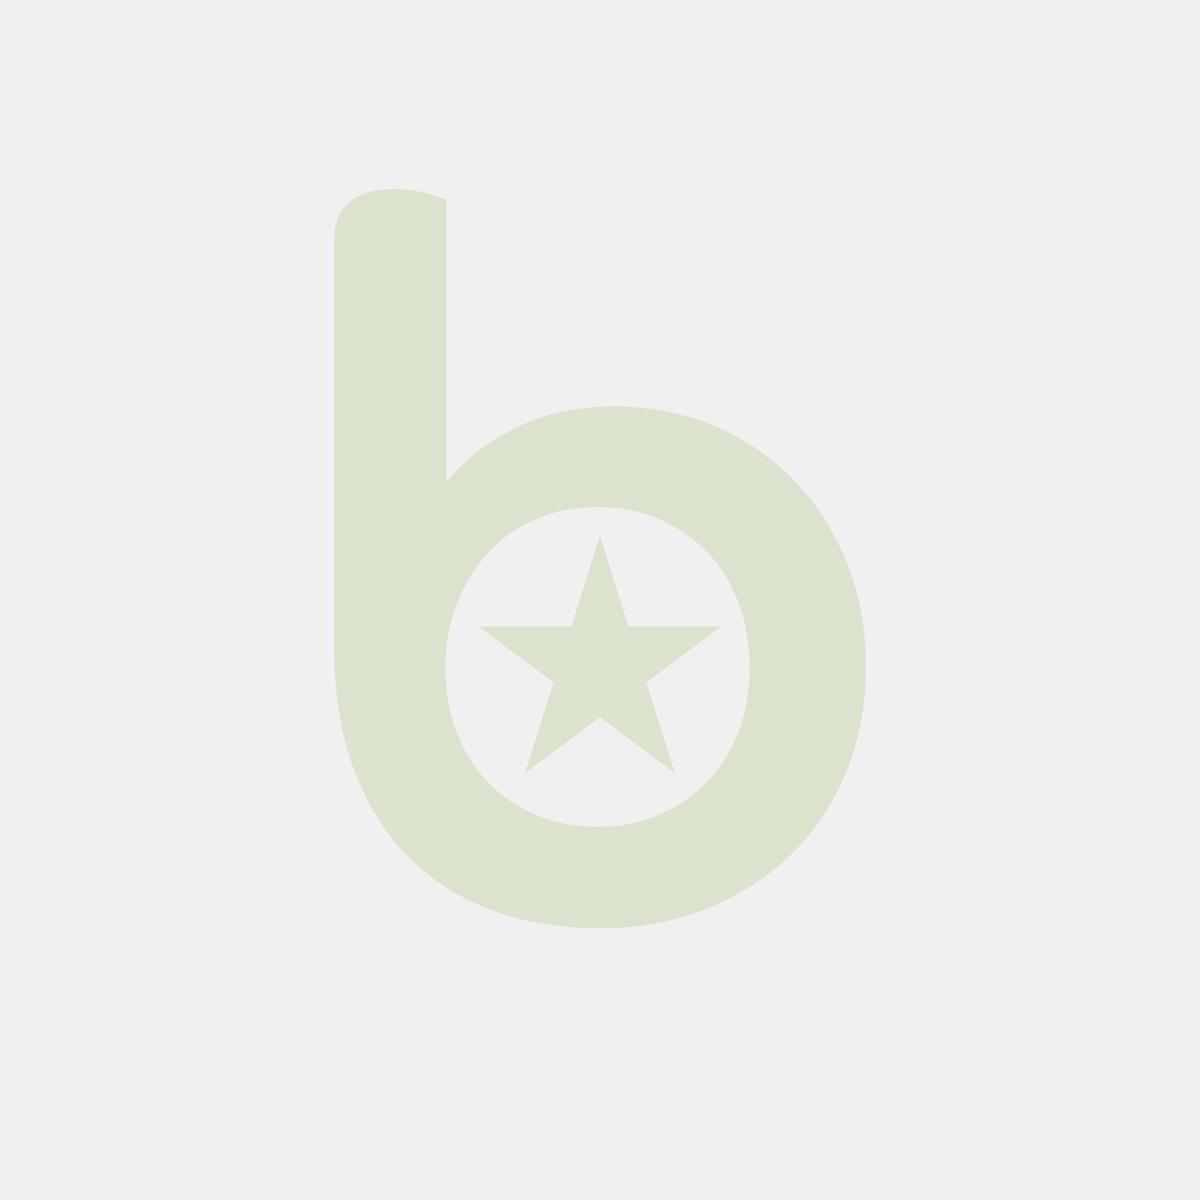 Talerze z trzciny cukrowej, kształt kwadratowy, 15,5 cm x 15,5 cm, kolor: biały, opakowanie 50szt